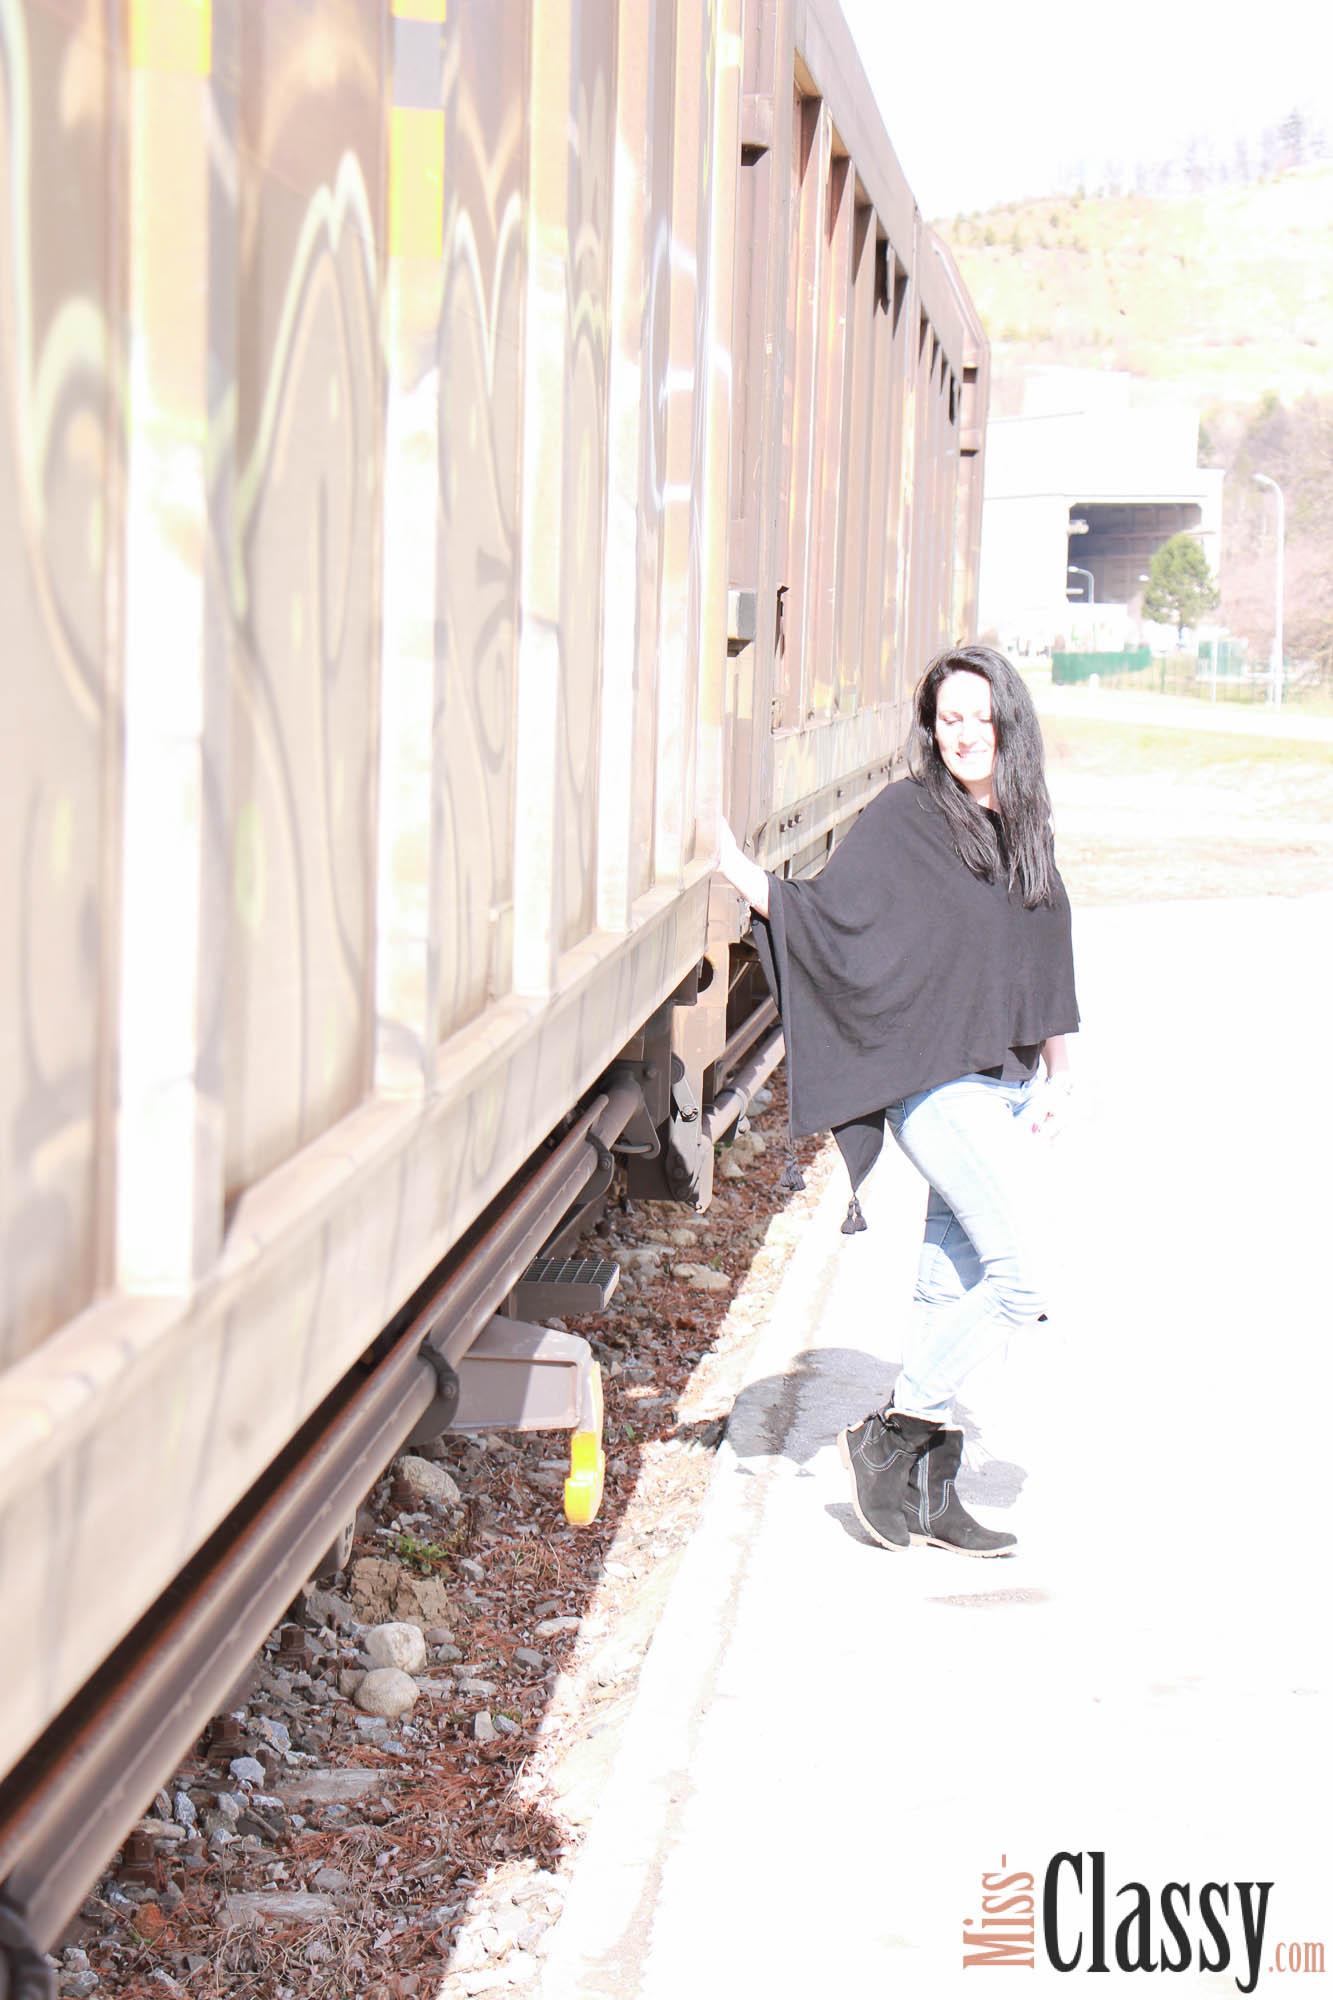 Transwaggon Graffiti_02